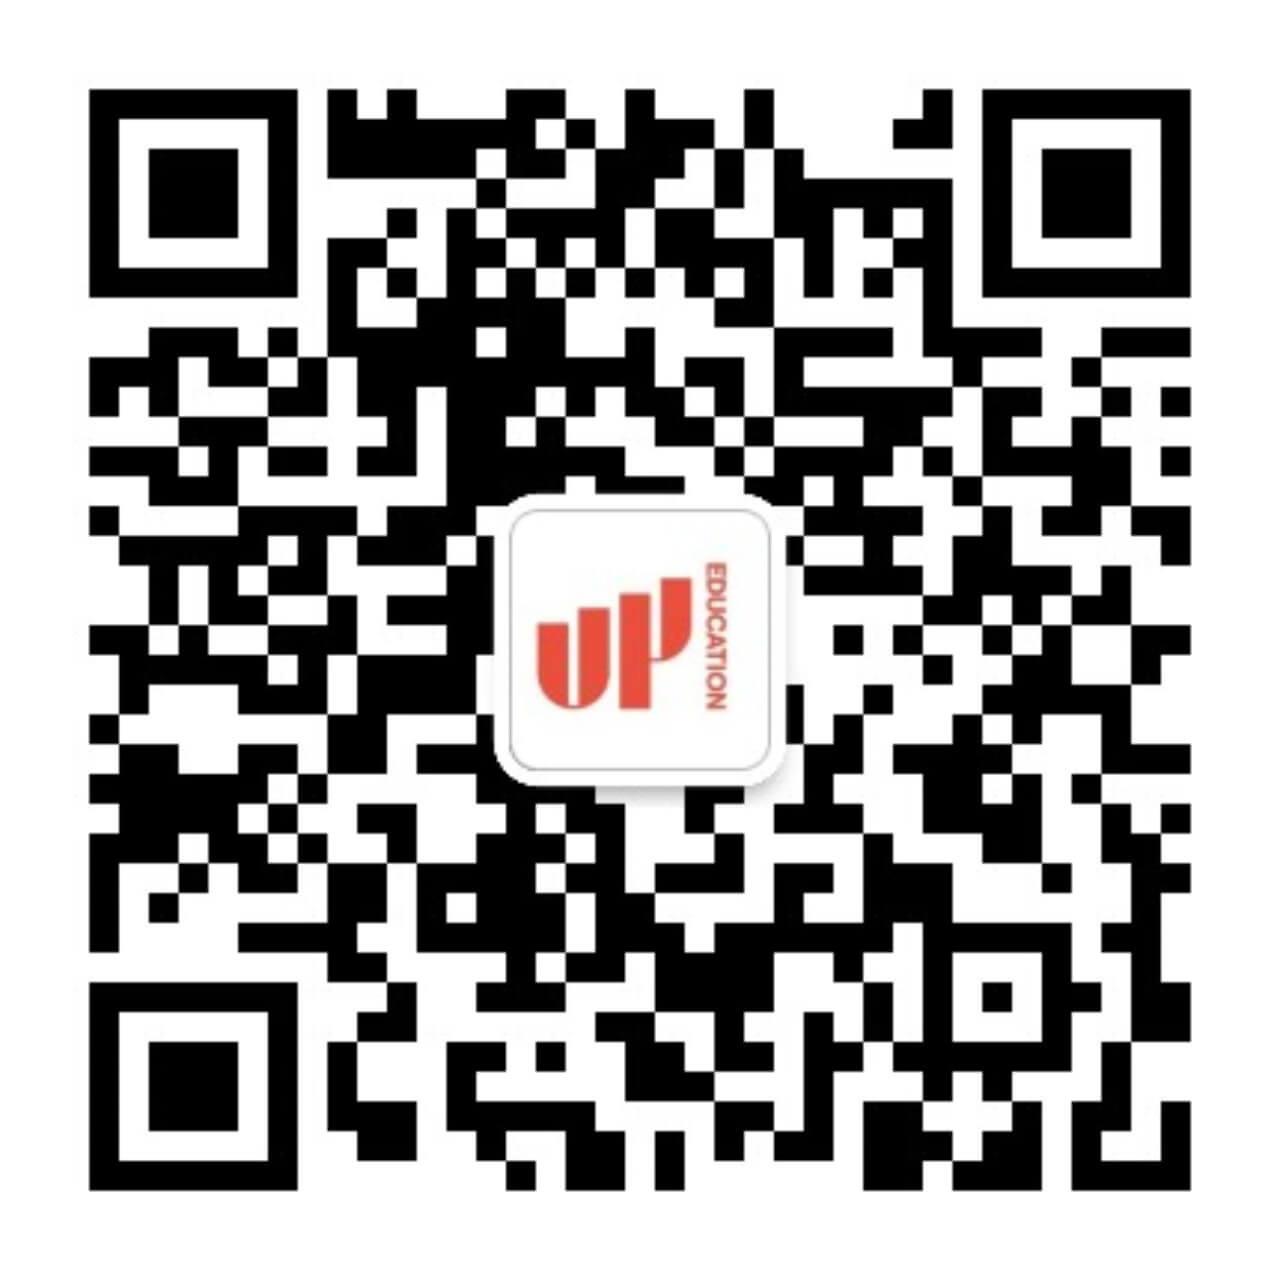 UP教育集团官方微信二维码